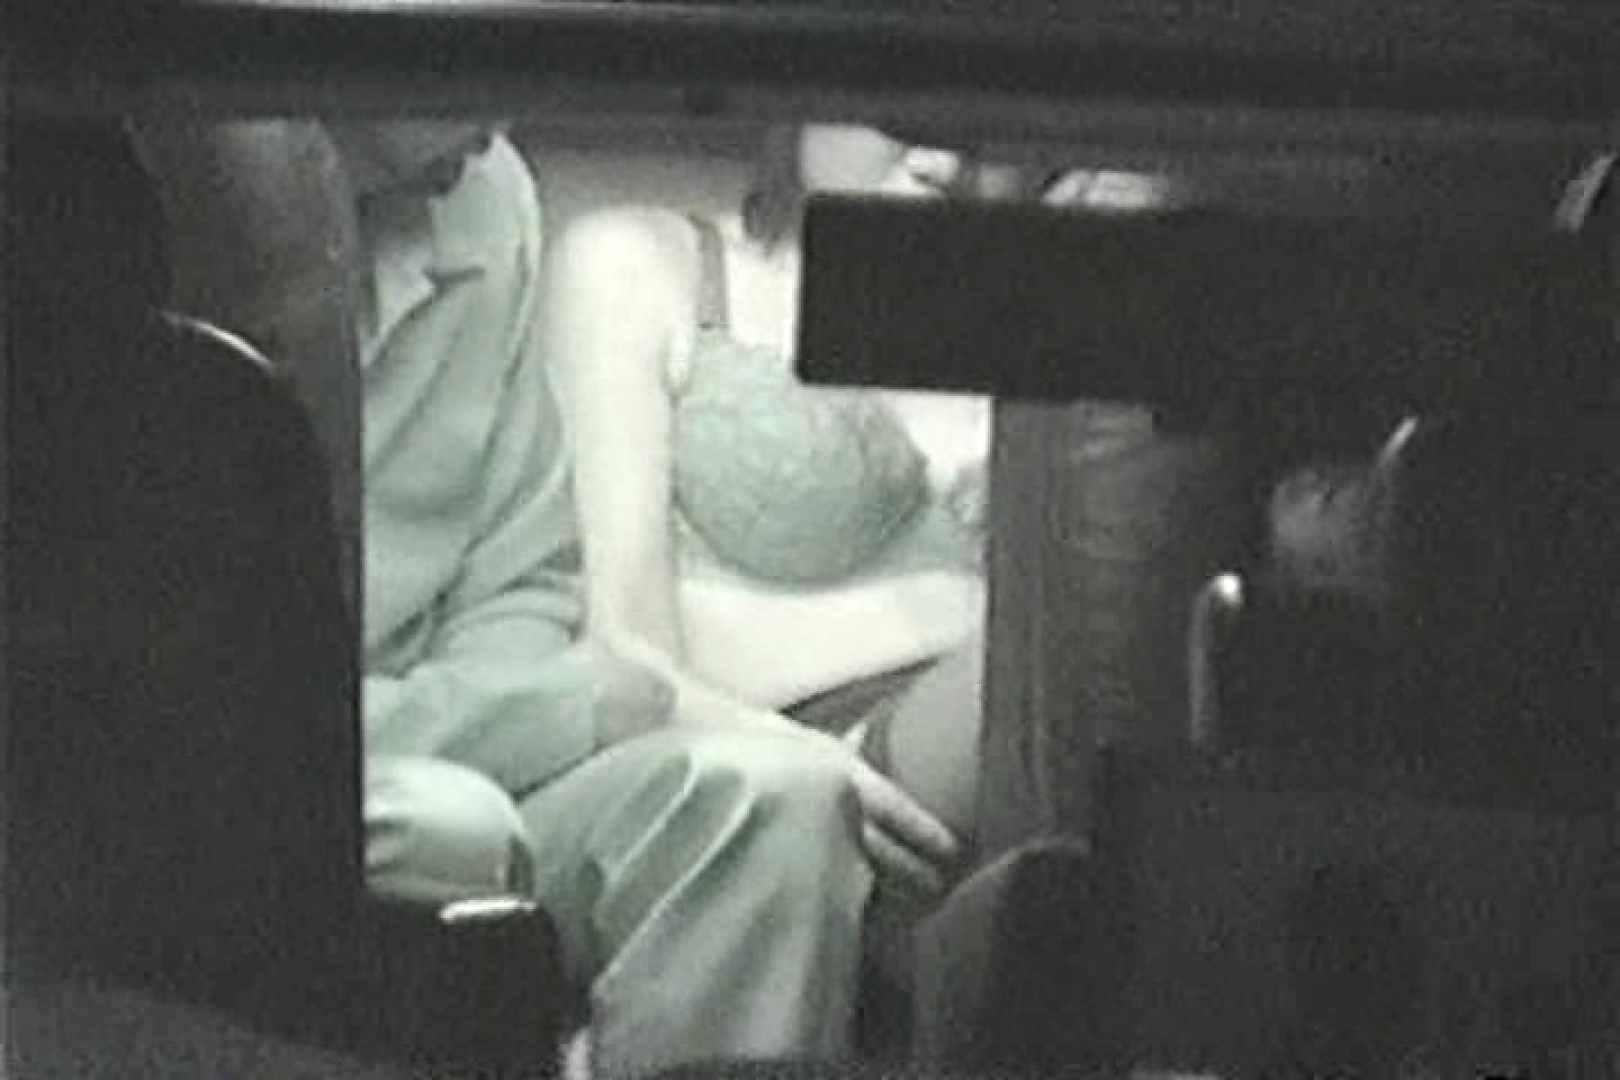 MASAさんの待ち伏せ撮り! 赤外線カーセックスVol.17 カップル おまんこ無修正動画無料 70pic 14